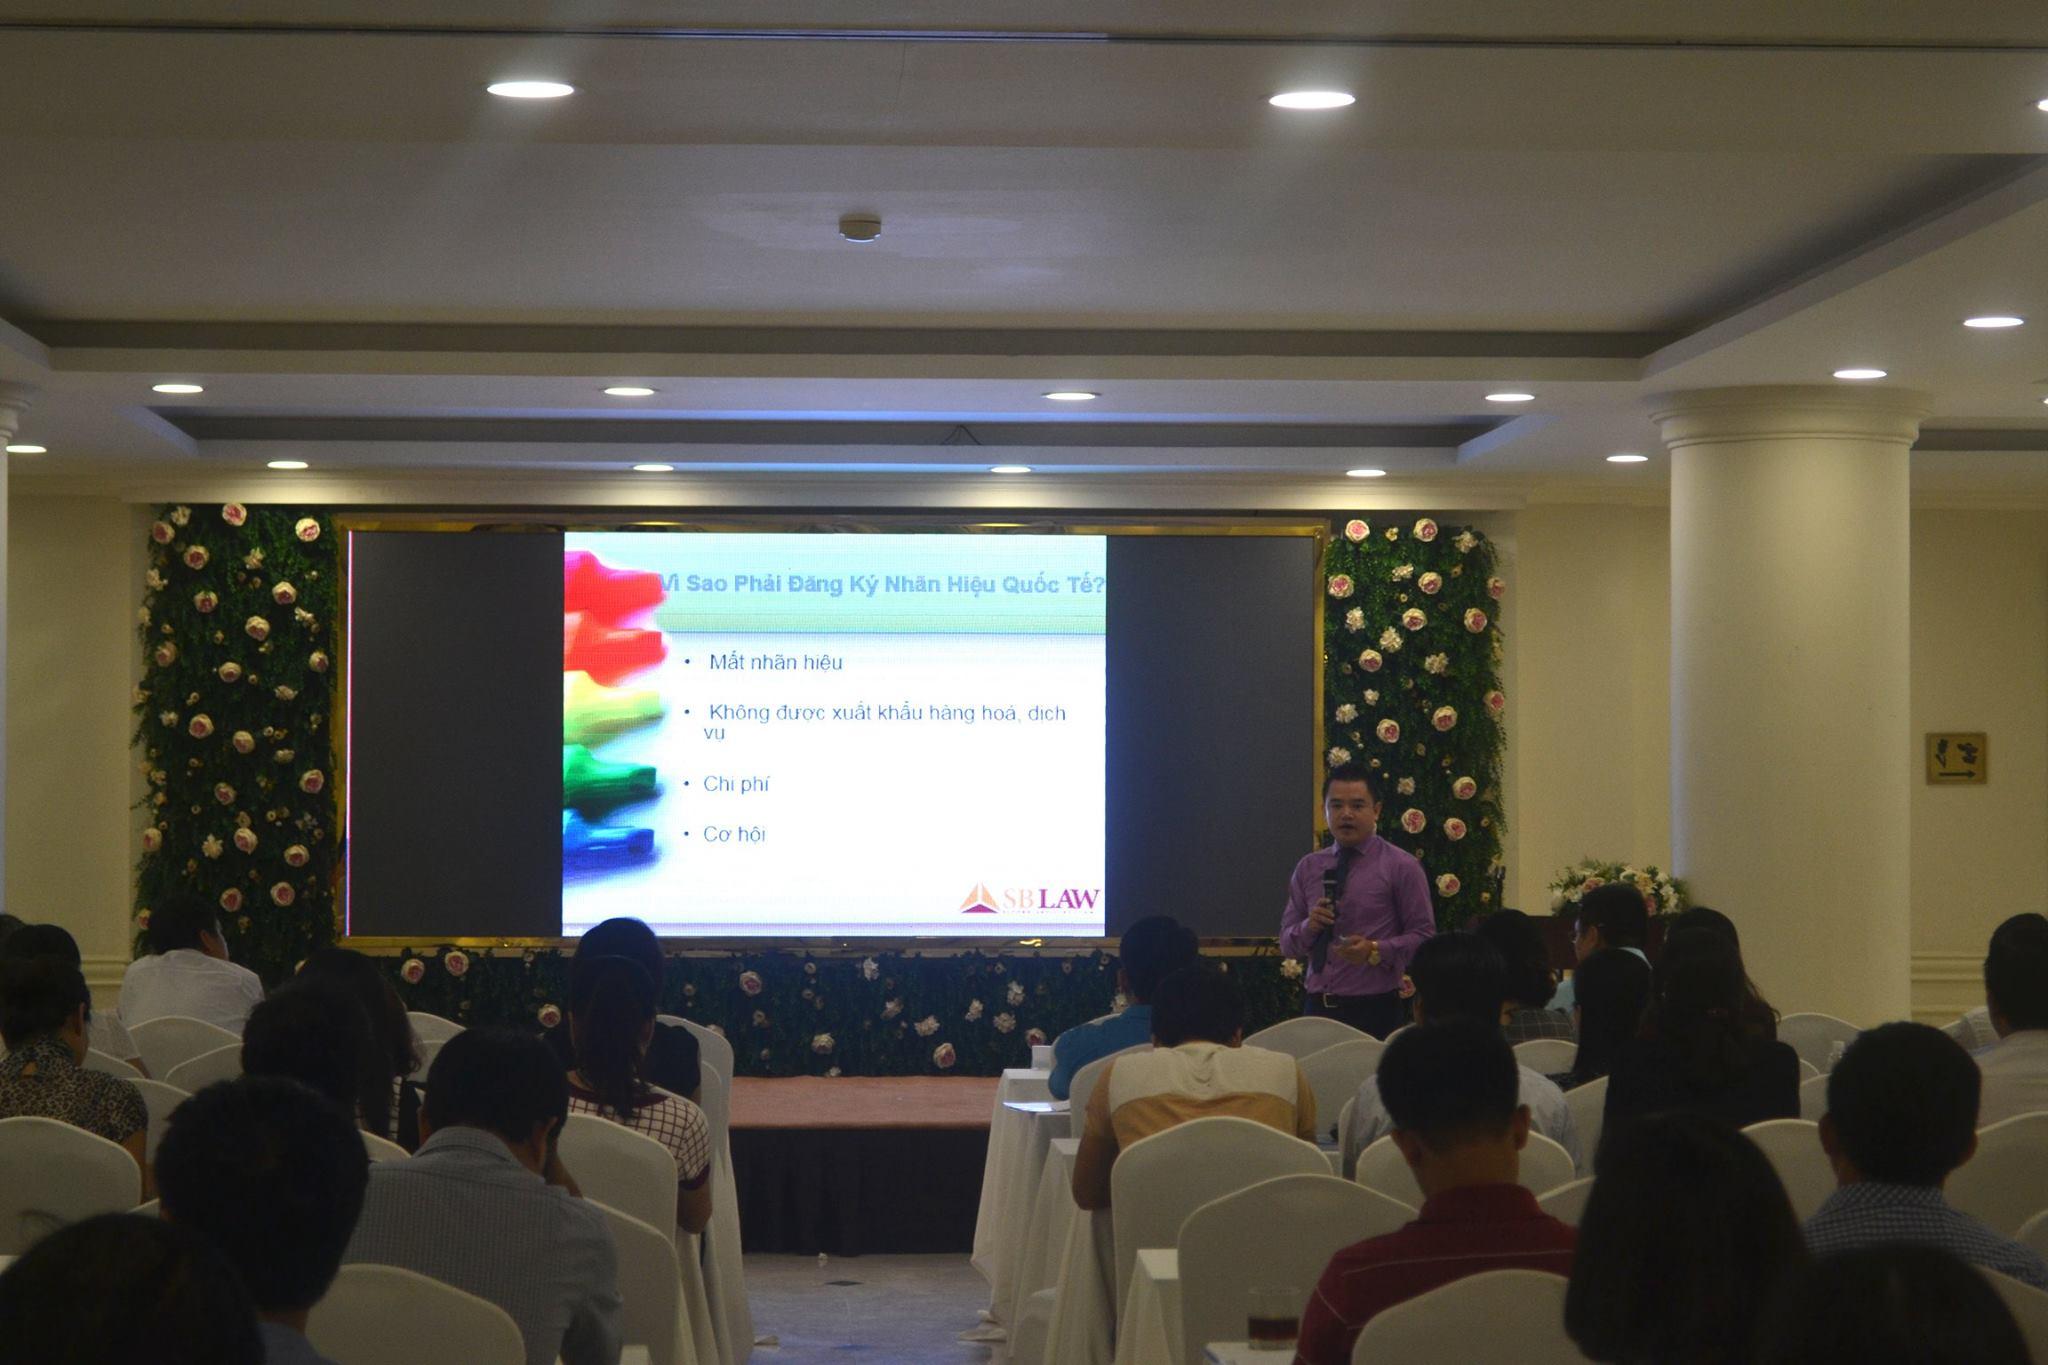 Bài học và kinh nghiệm cho doanh nghiệp Việt Nam trong đăng ký nhãn hiệu quốc tế.